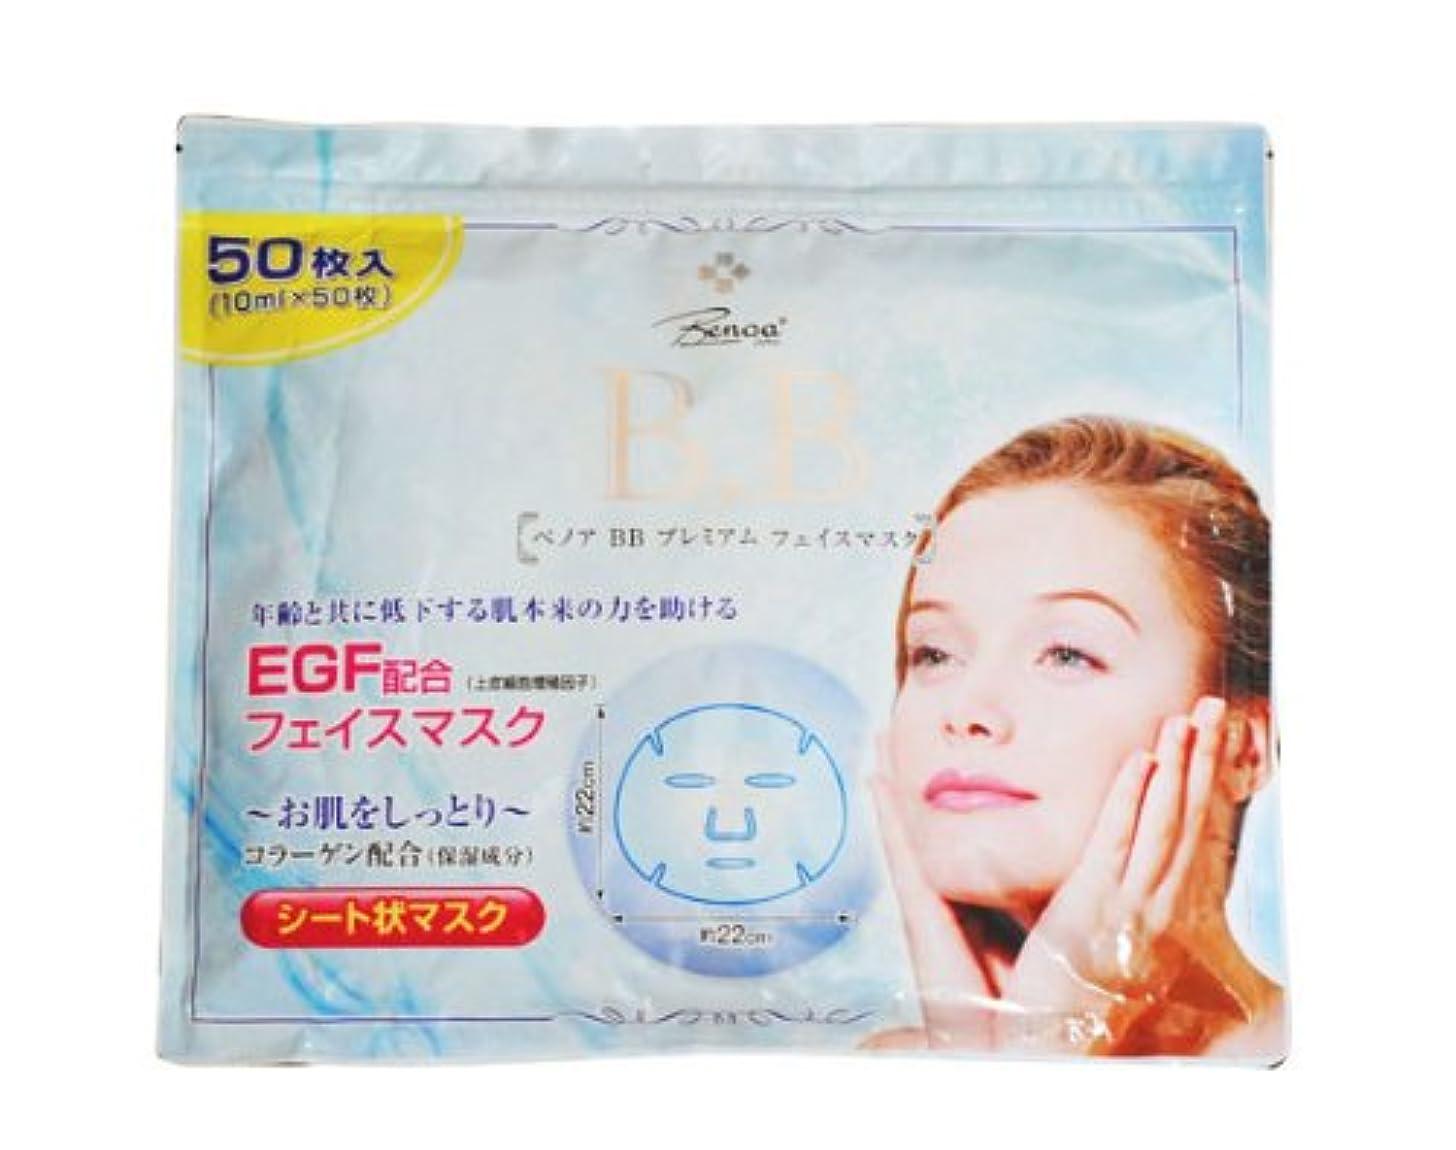 樹皮商業の頭痛ベノア BB プレミアム フェイスマスク 50枚入 EGF配合 コラーゲン配合